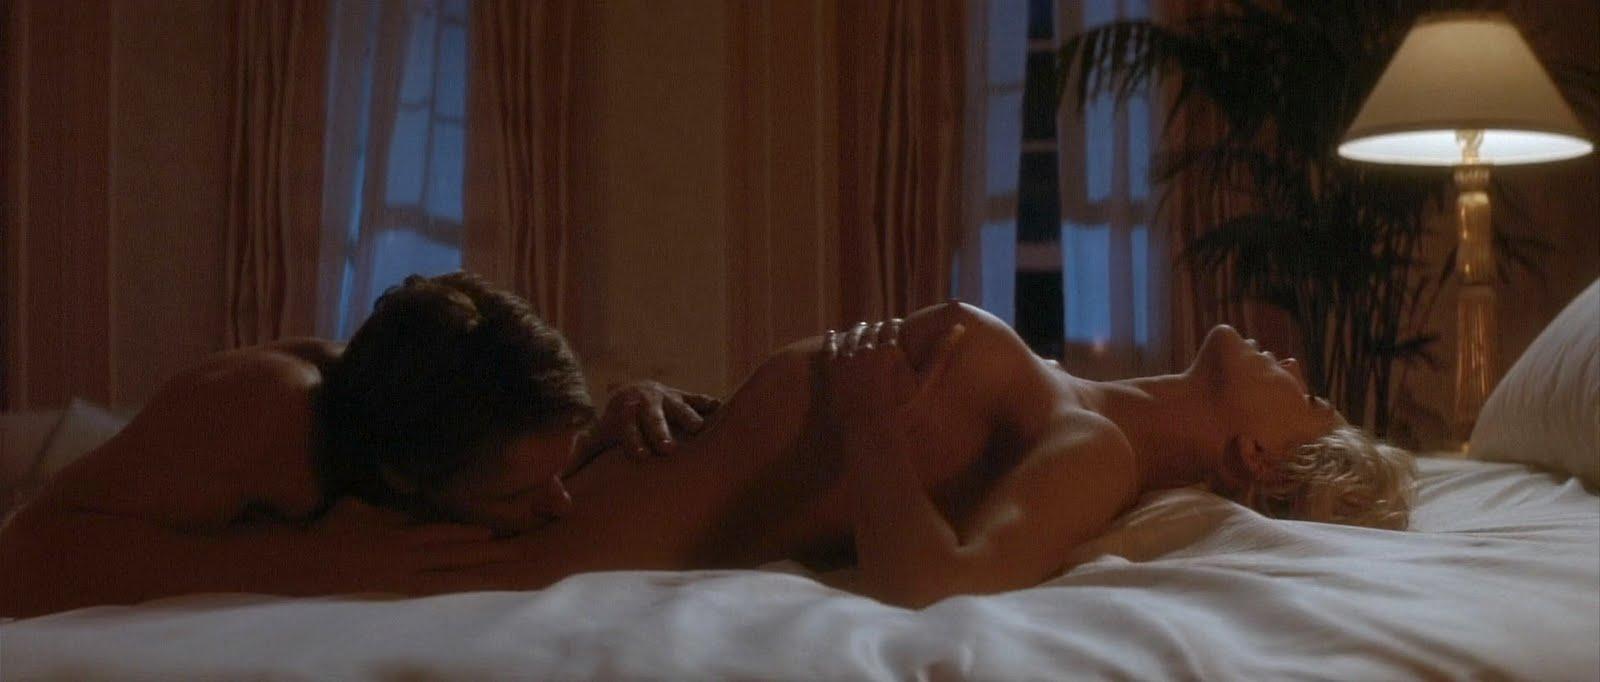 film-osnovnoy-instinkt-eroticheskie-stseni